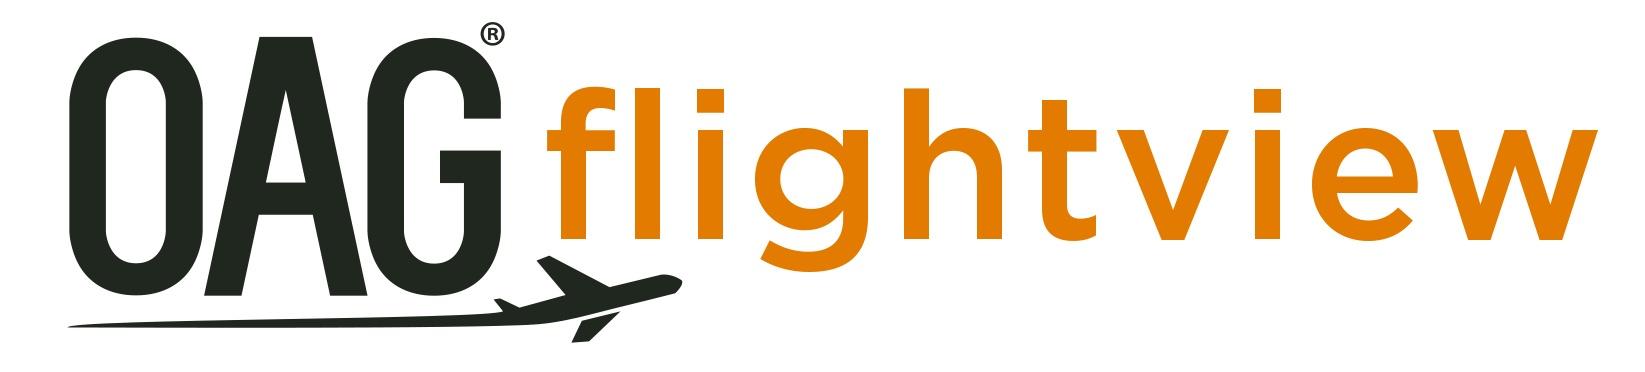 OAG_Flightview_Logo_FINAL_landscape.jpg